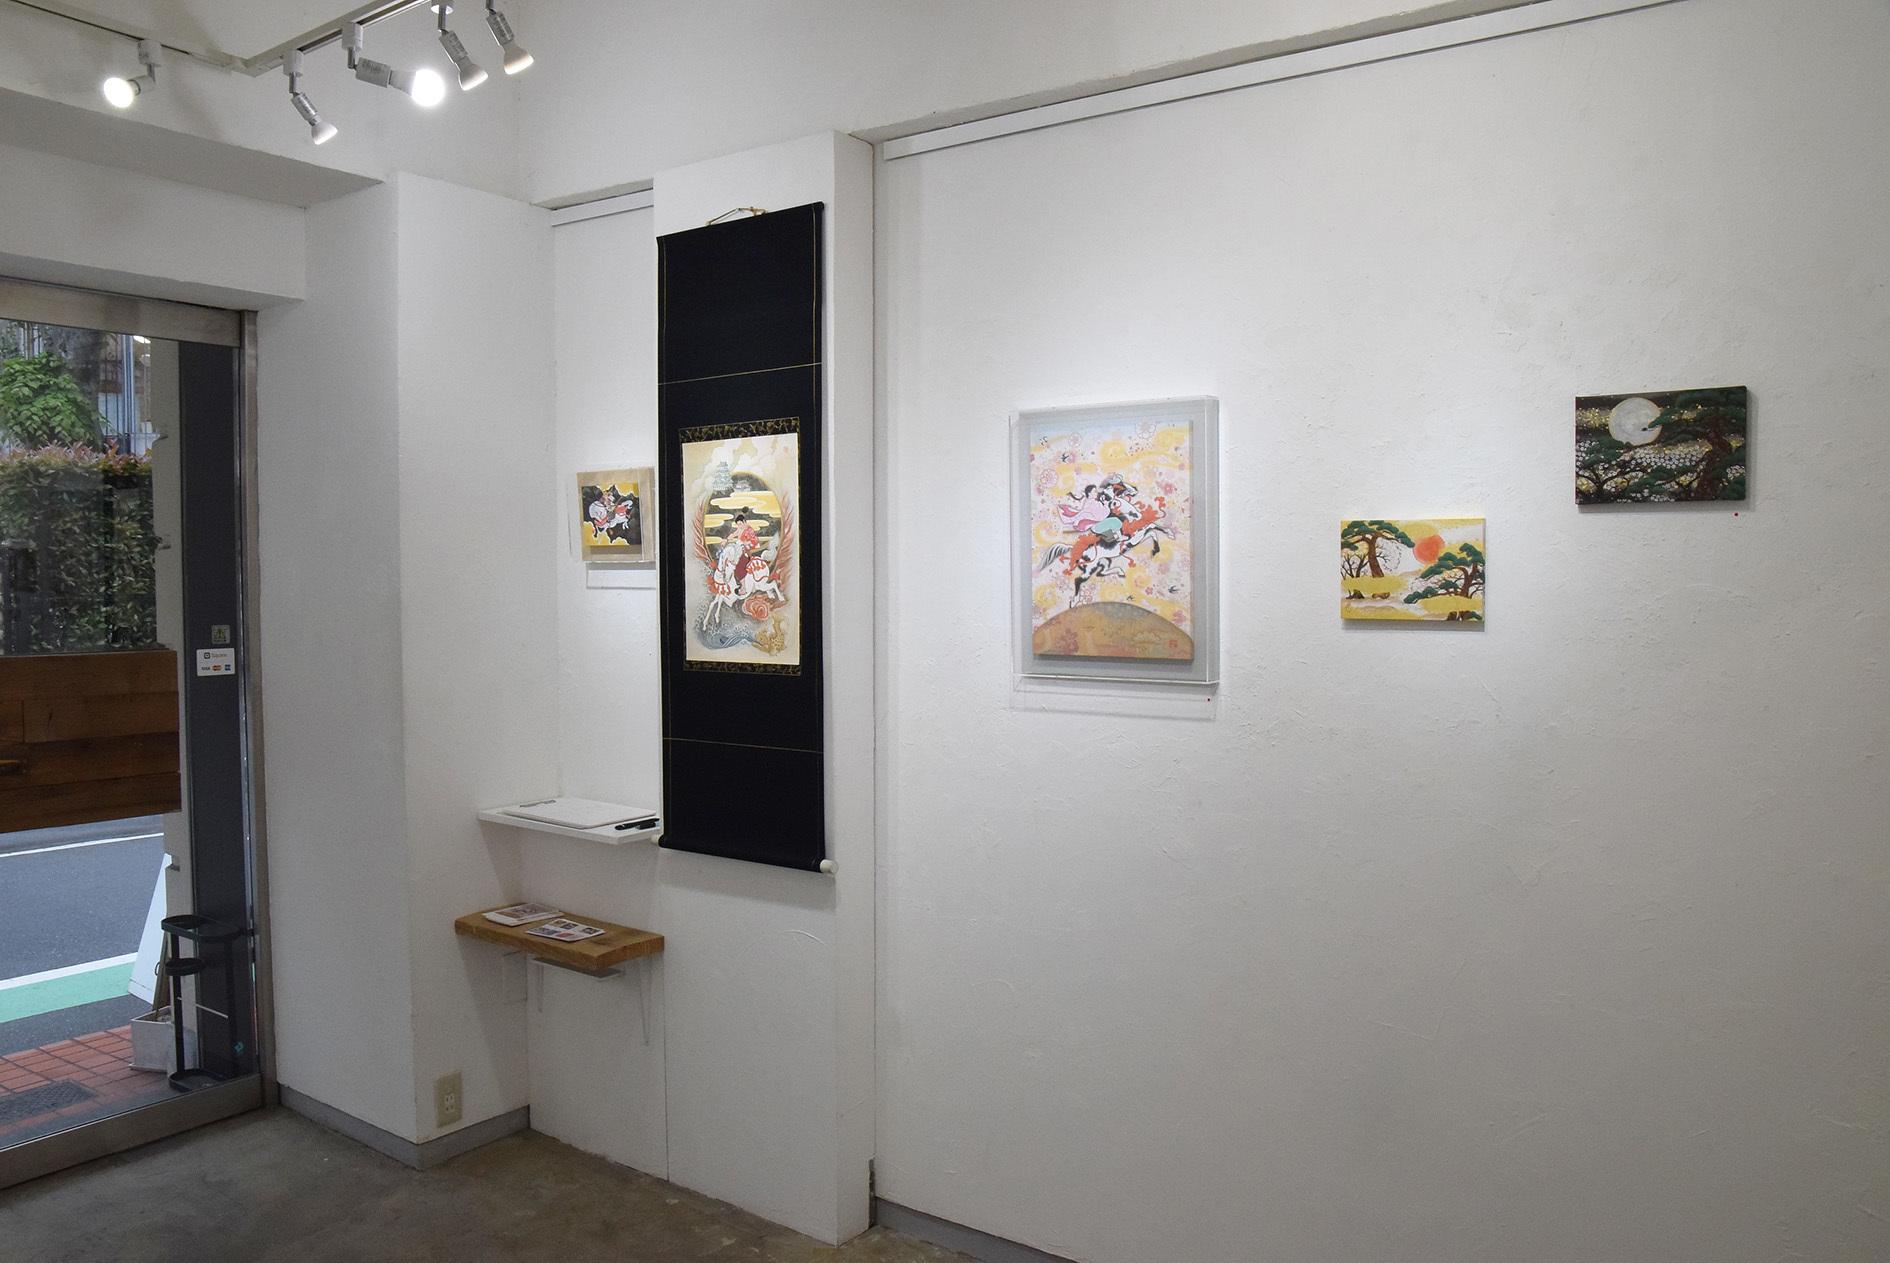 中沢 梓 大和絵展 「刻一刻」@最終日_e0272050_15502531.jpg